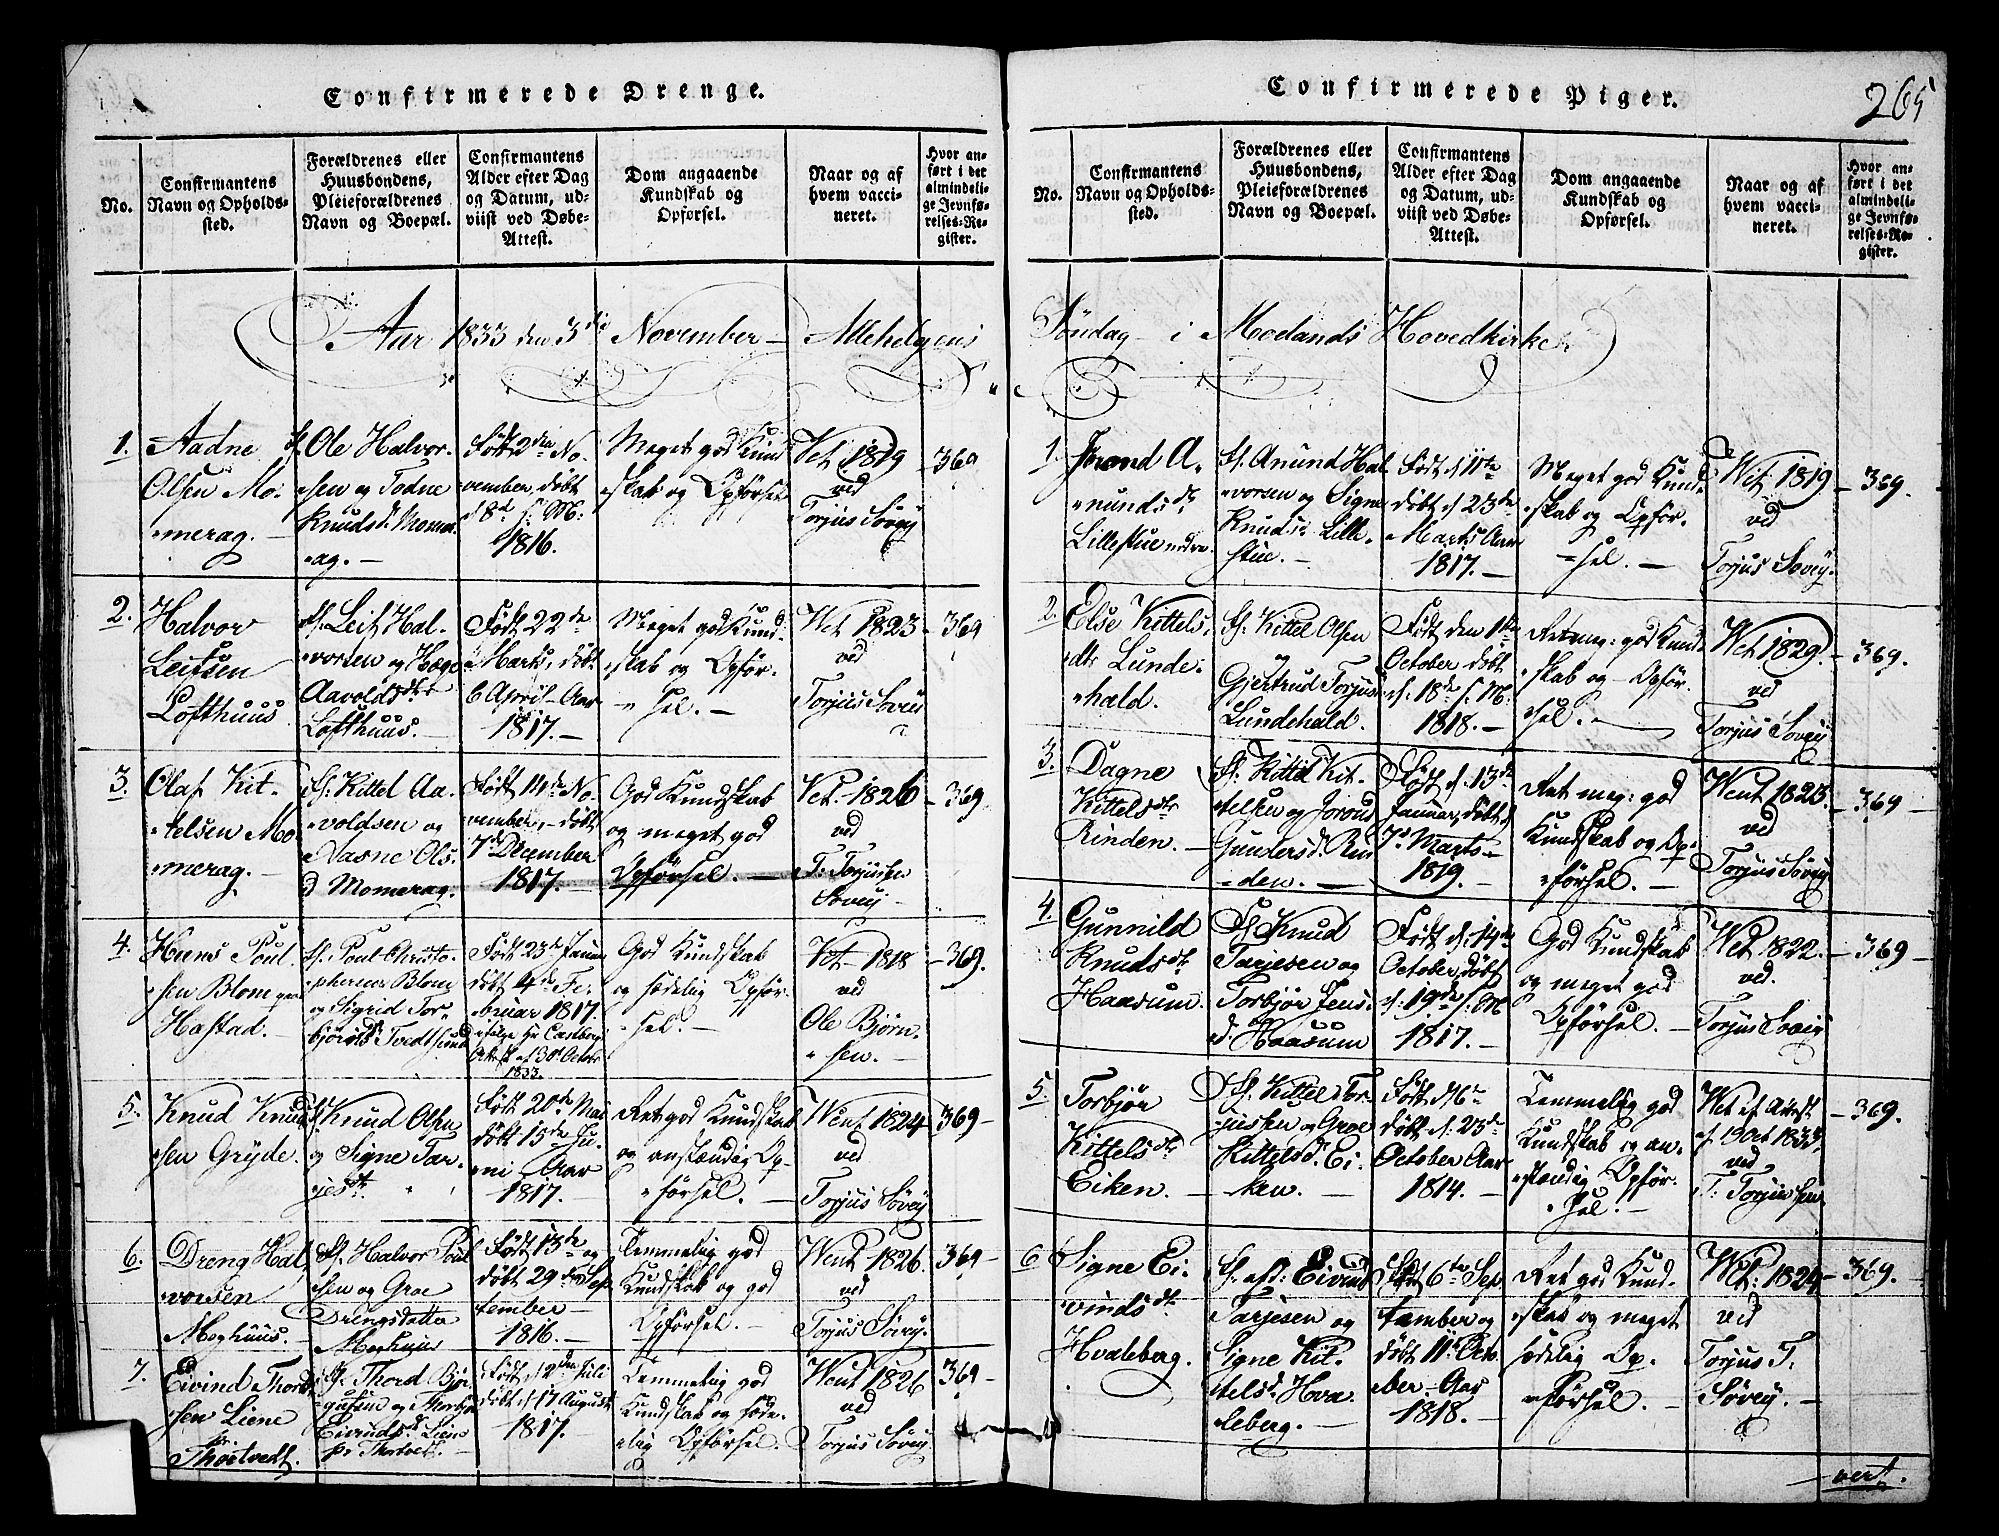 SAKO, Fyresdal kirkebøker, F/Fa/L0003: Ministerialbok nr. I 3, 1815-1840, s. 265